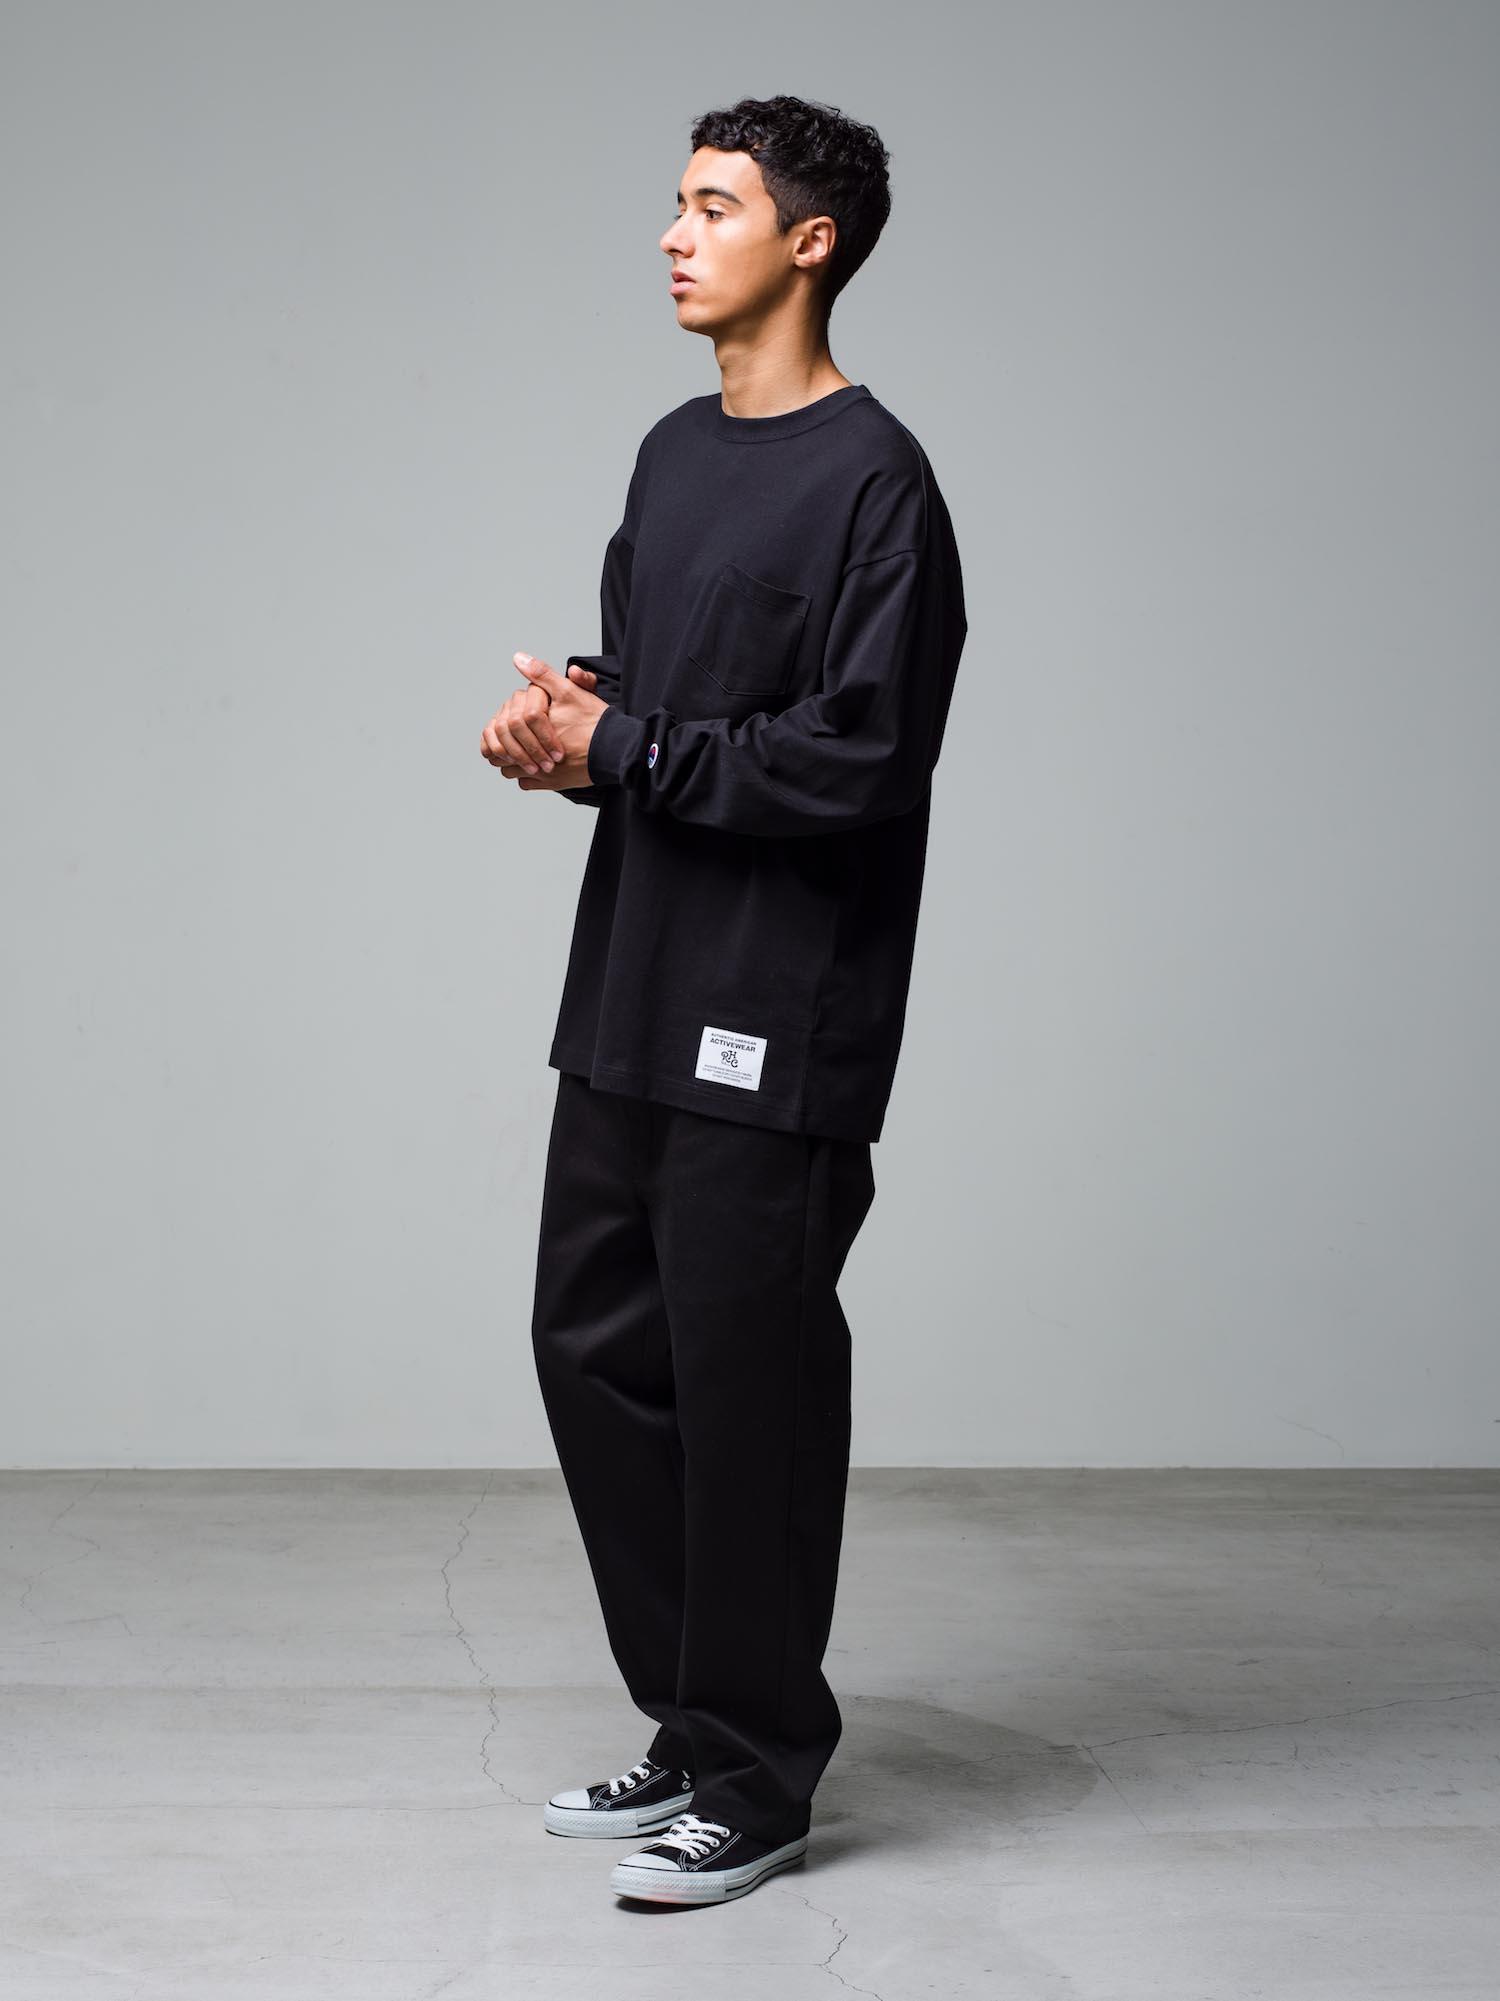 10) L/S Tee ¥12,100  Pants ¥22,000  Shoes ¥6,380